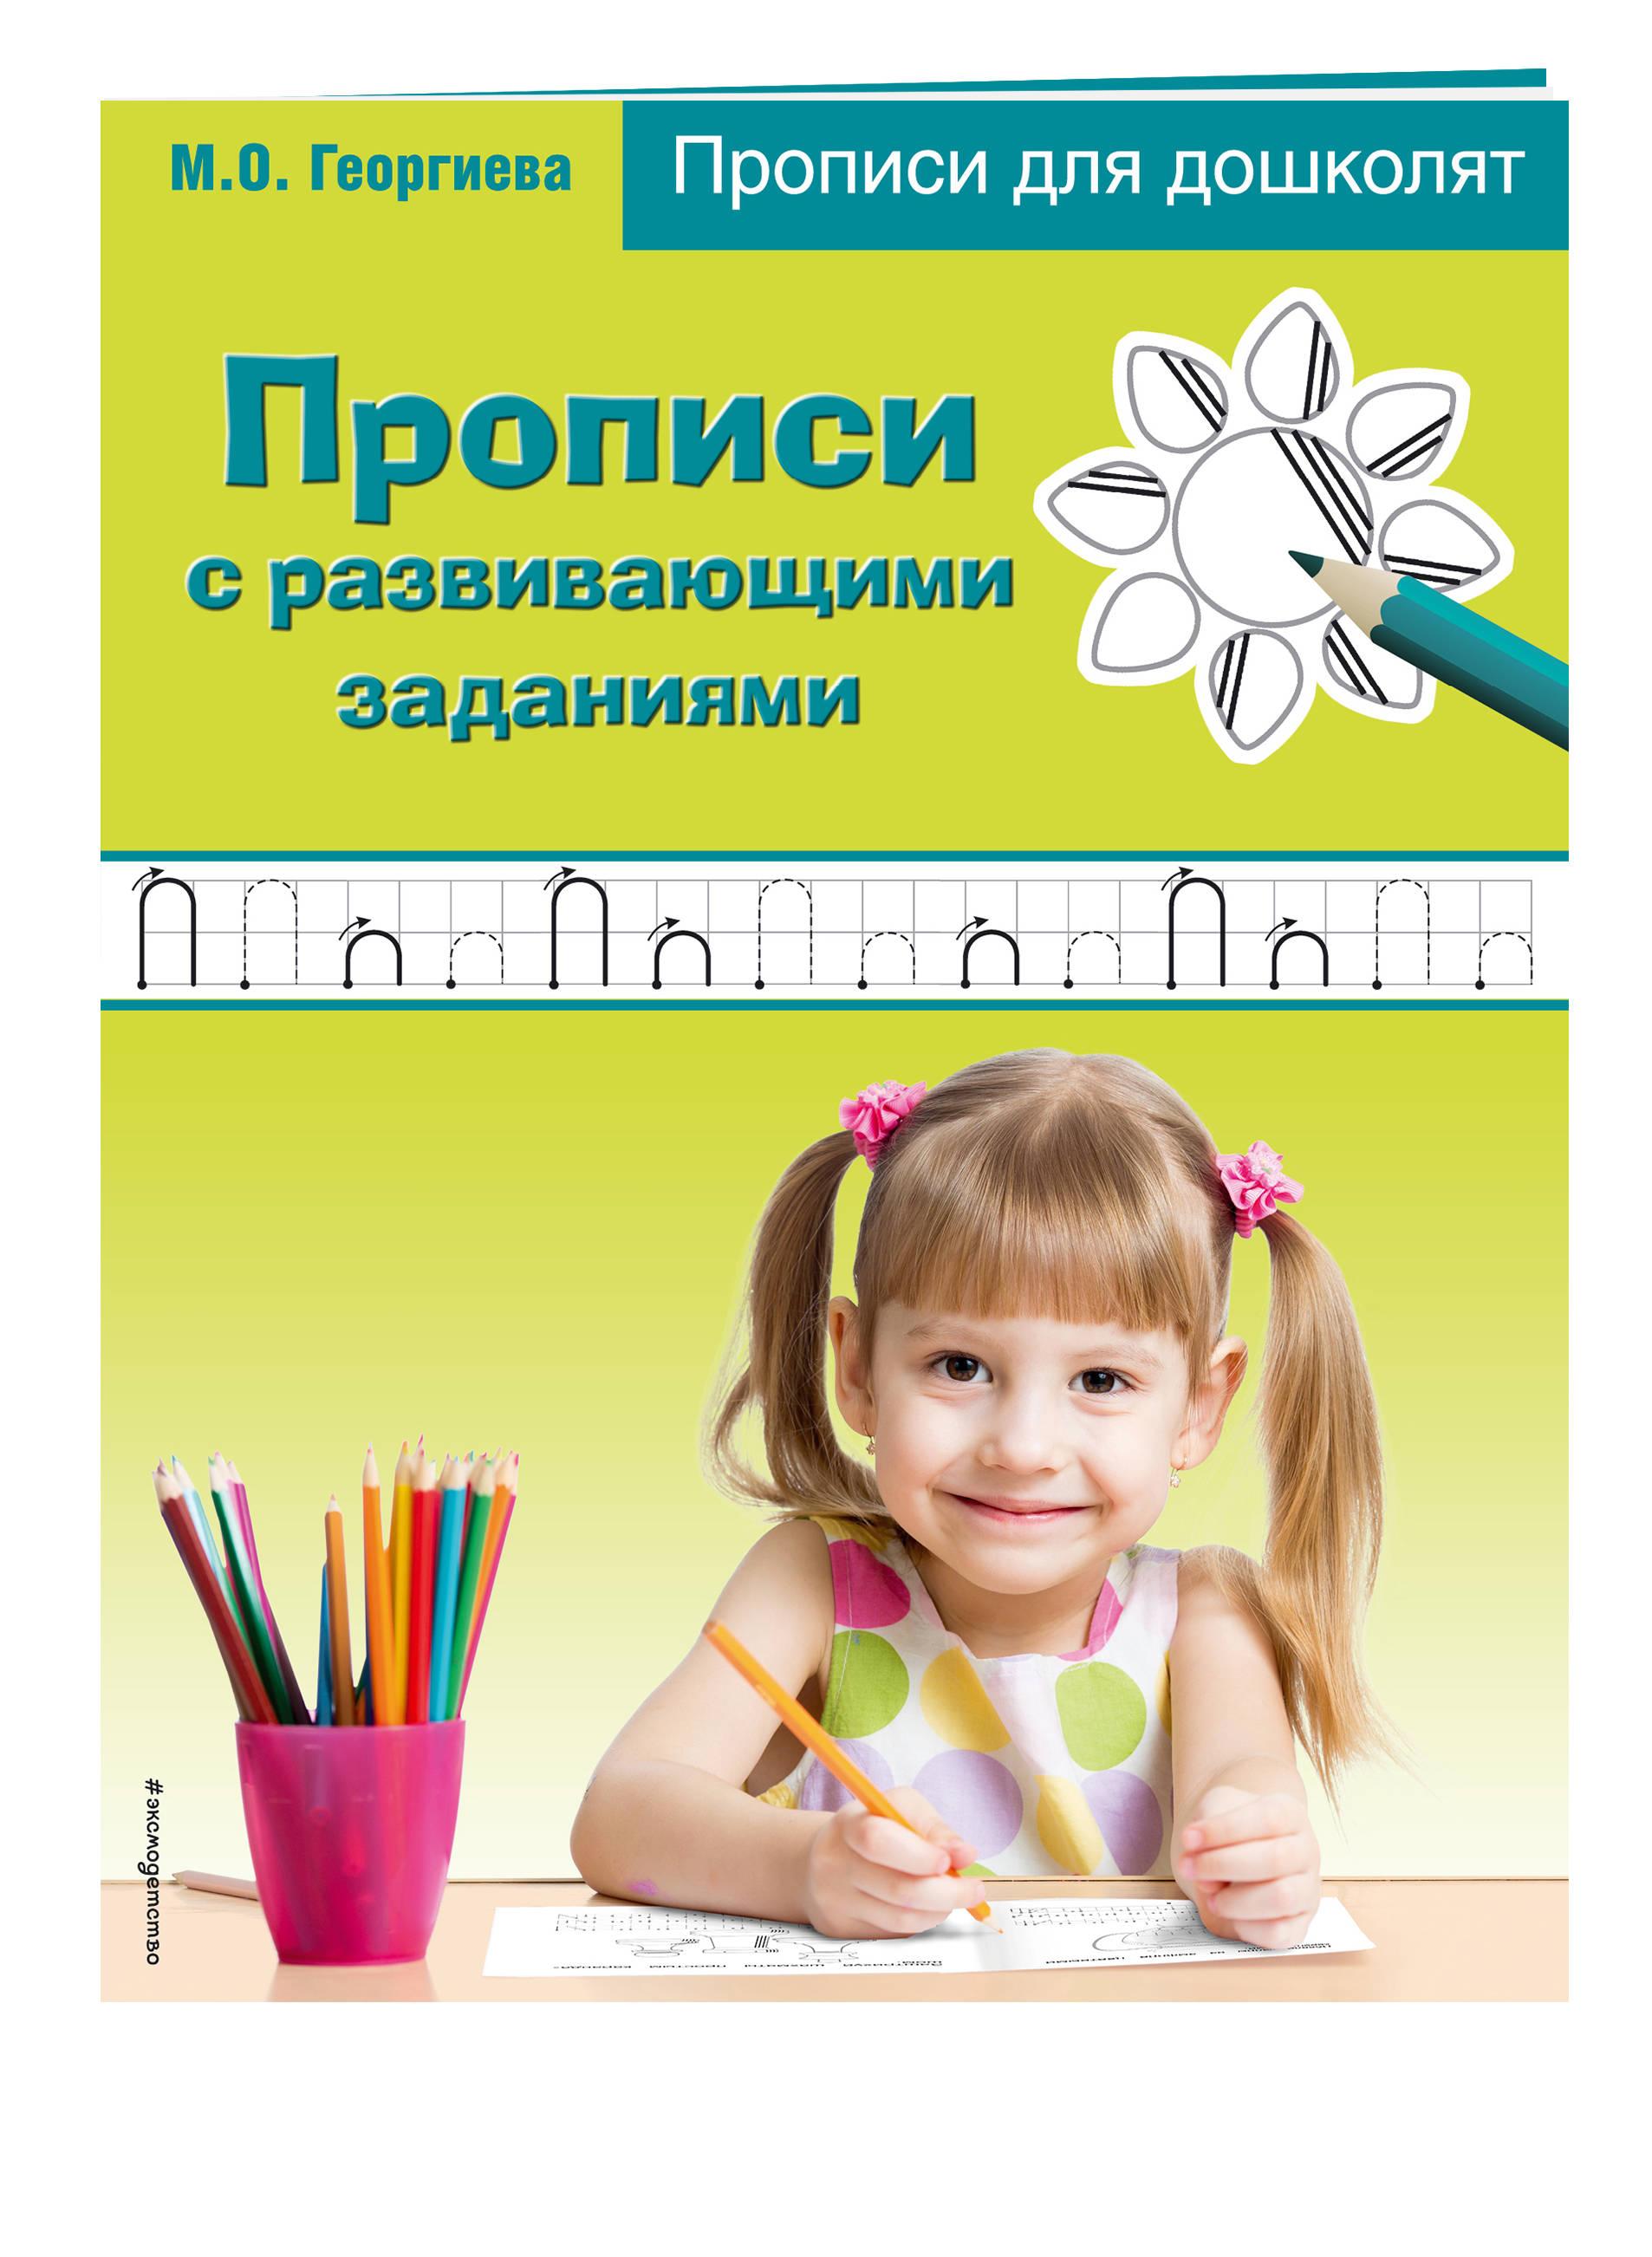 Прописи с развивающими заданиями ( Георгиева М.О.  )